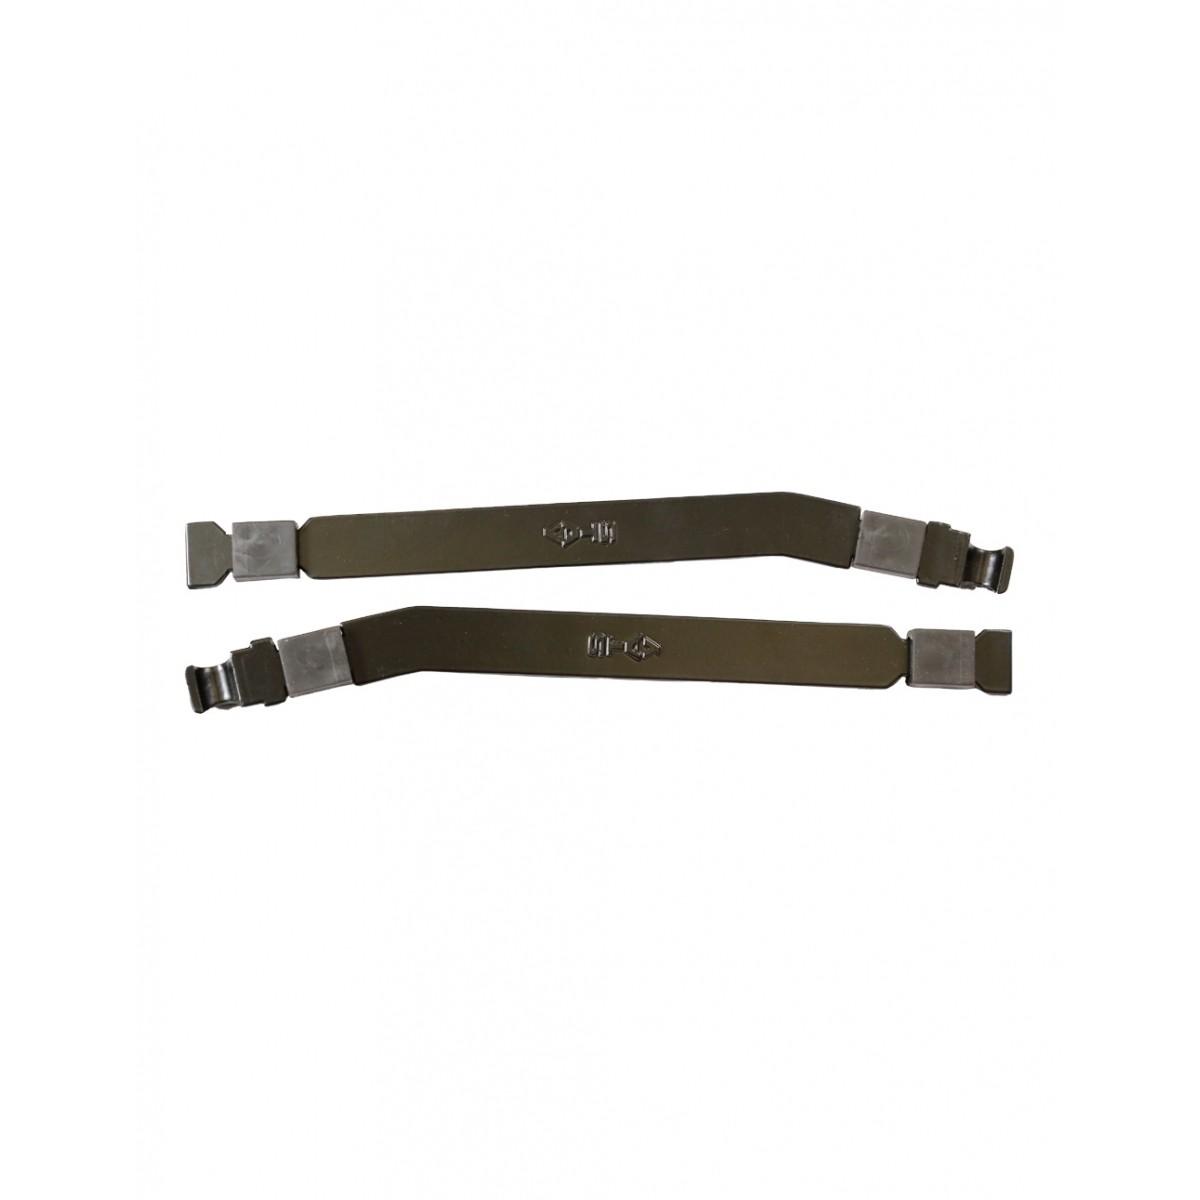 Par de Braços Curvos (longarinas) Slim / Compact 29 cm